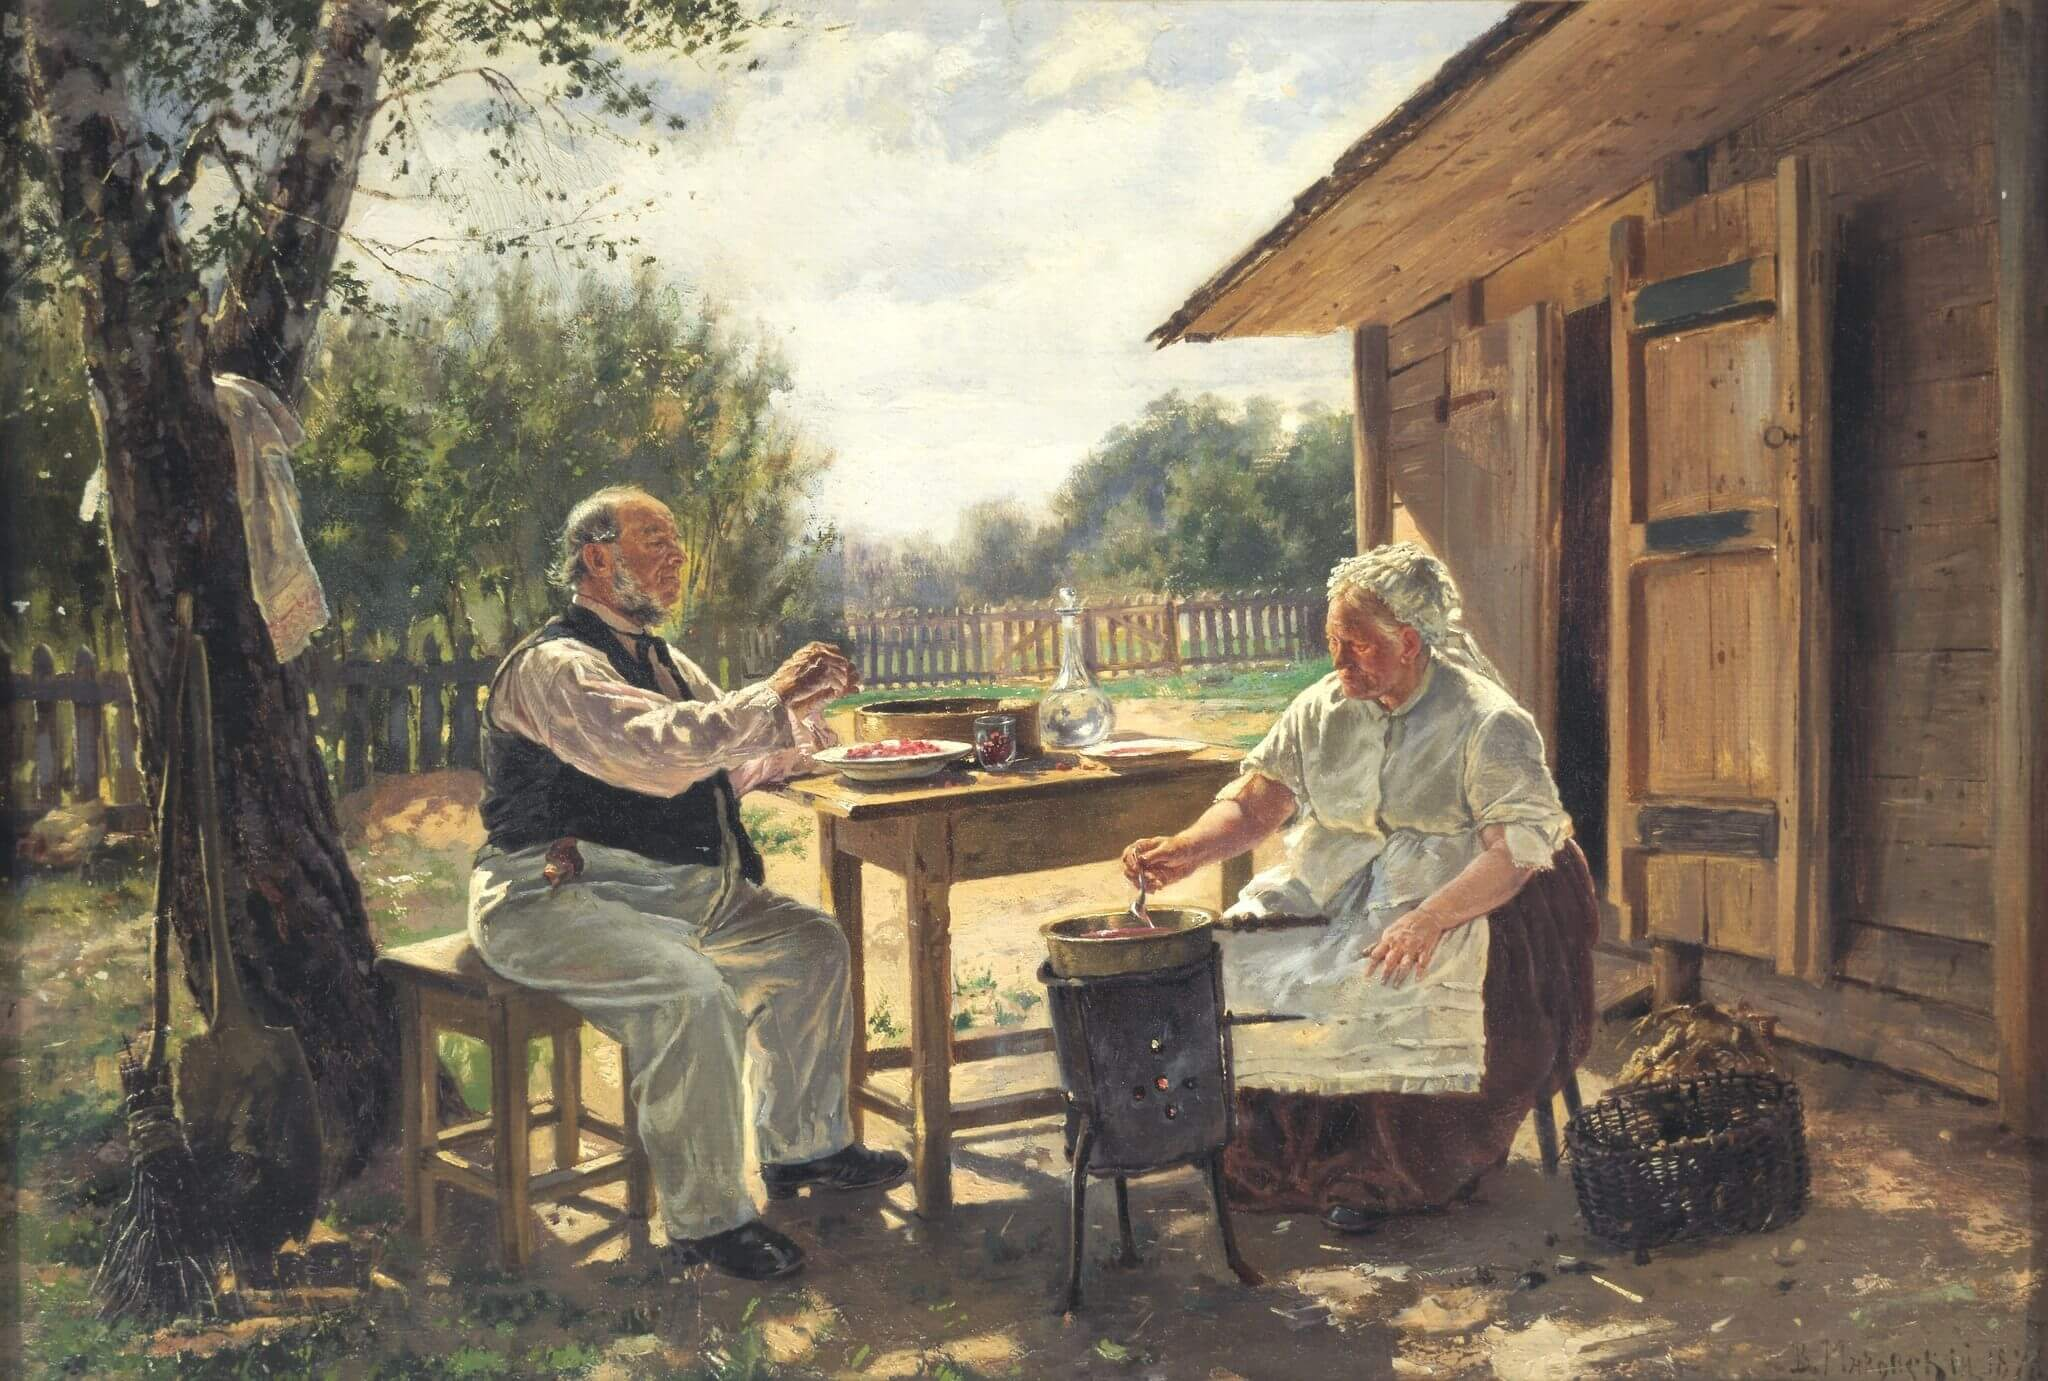 В. Е. Маковский. «Варят варенье». 1876 г. Из коллекции Третьяковской галереи.